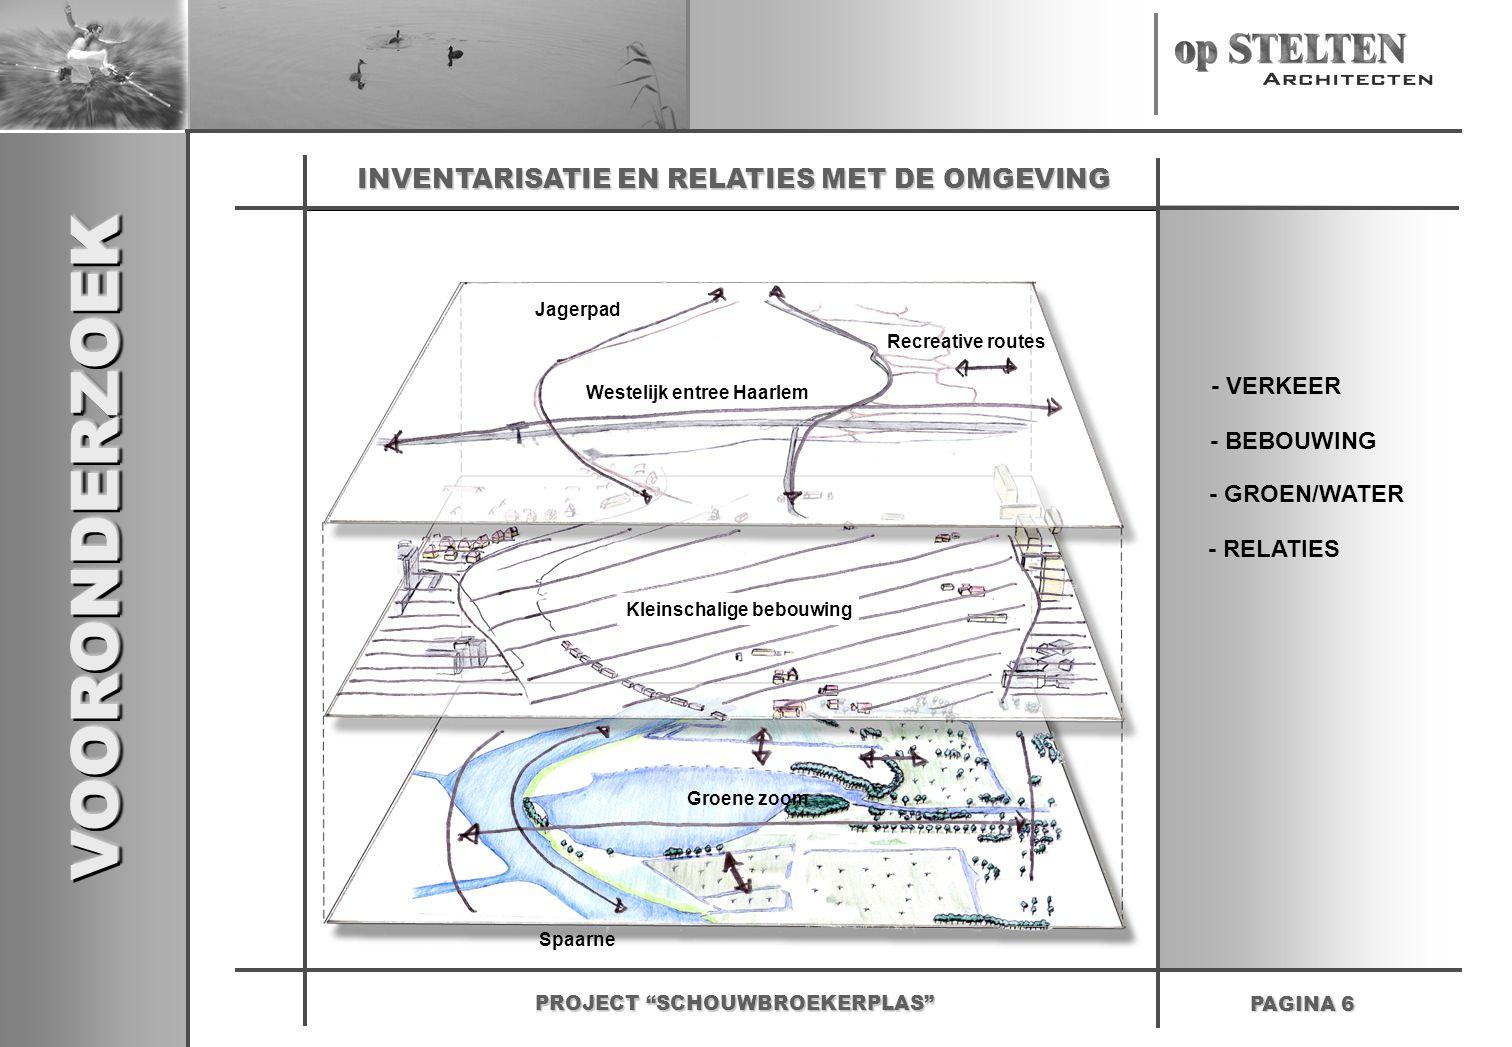 VOORONDERZOEKVOORONDERZOEK PAGINA 6 PROJECT SCHOUWBROEKERPLAS INVENTARISATIE EN RELATIES MET DE OMGEVING - VERKEER - GROEN/WATER - BEBOUWING - RELATIES Westelijk entree Haarlem Jagerpad Recreative routes Kleinschalige bebouwing Groene zoom Spaarne